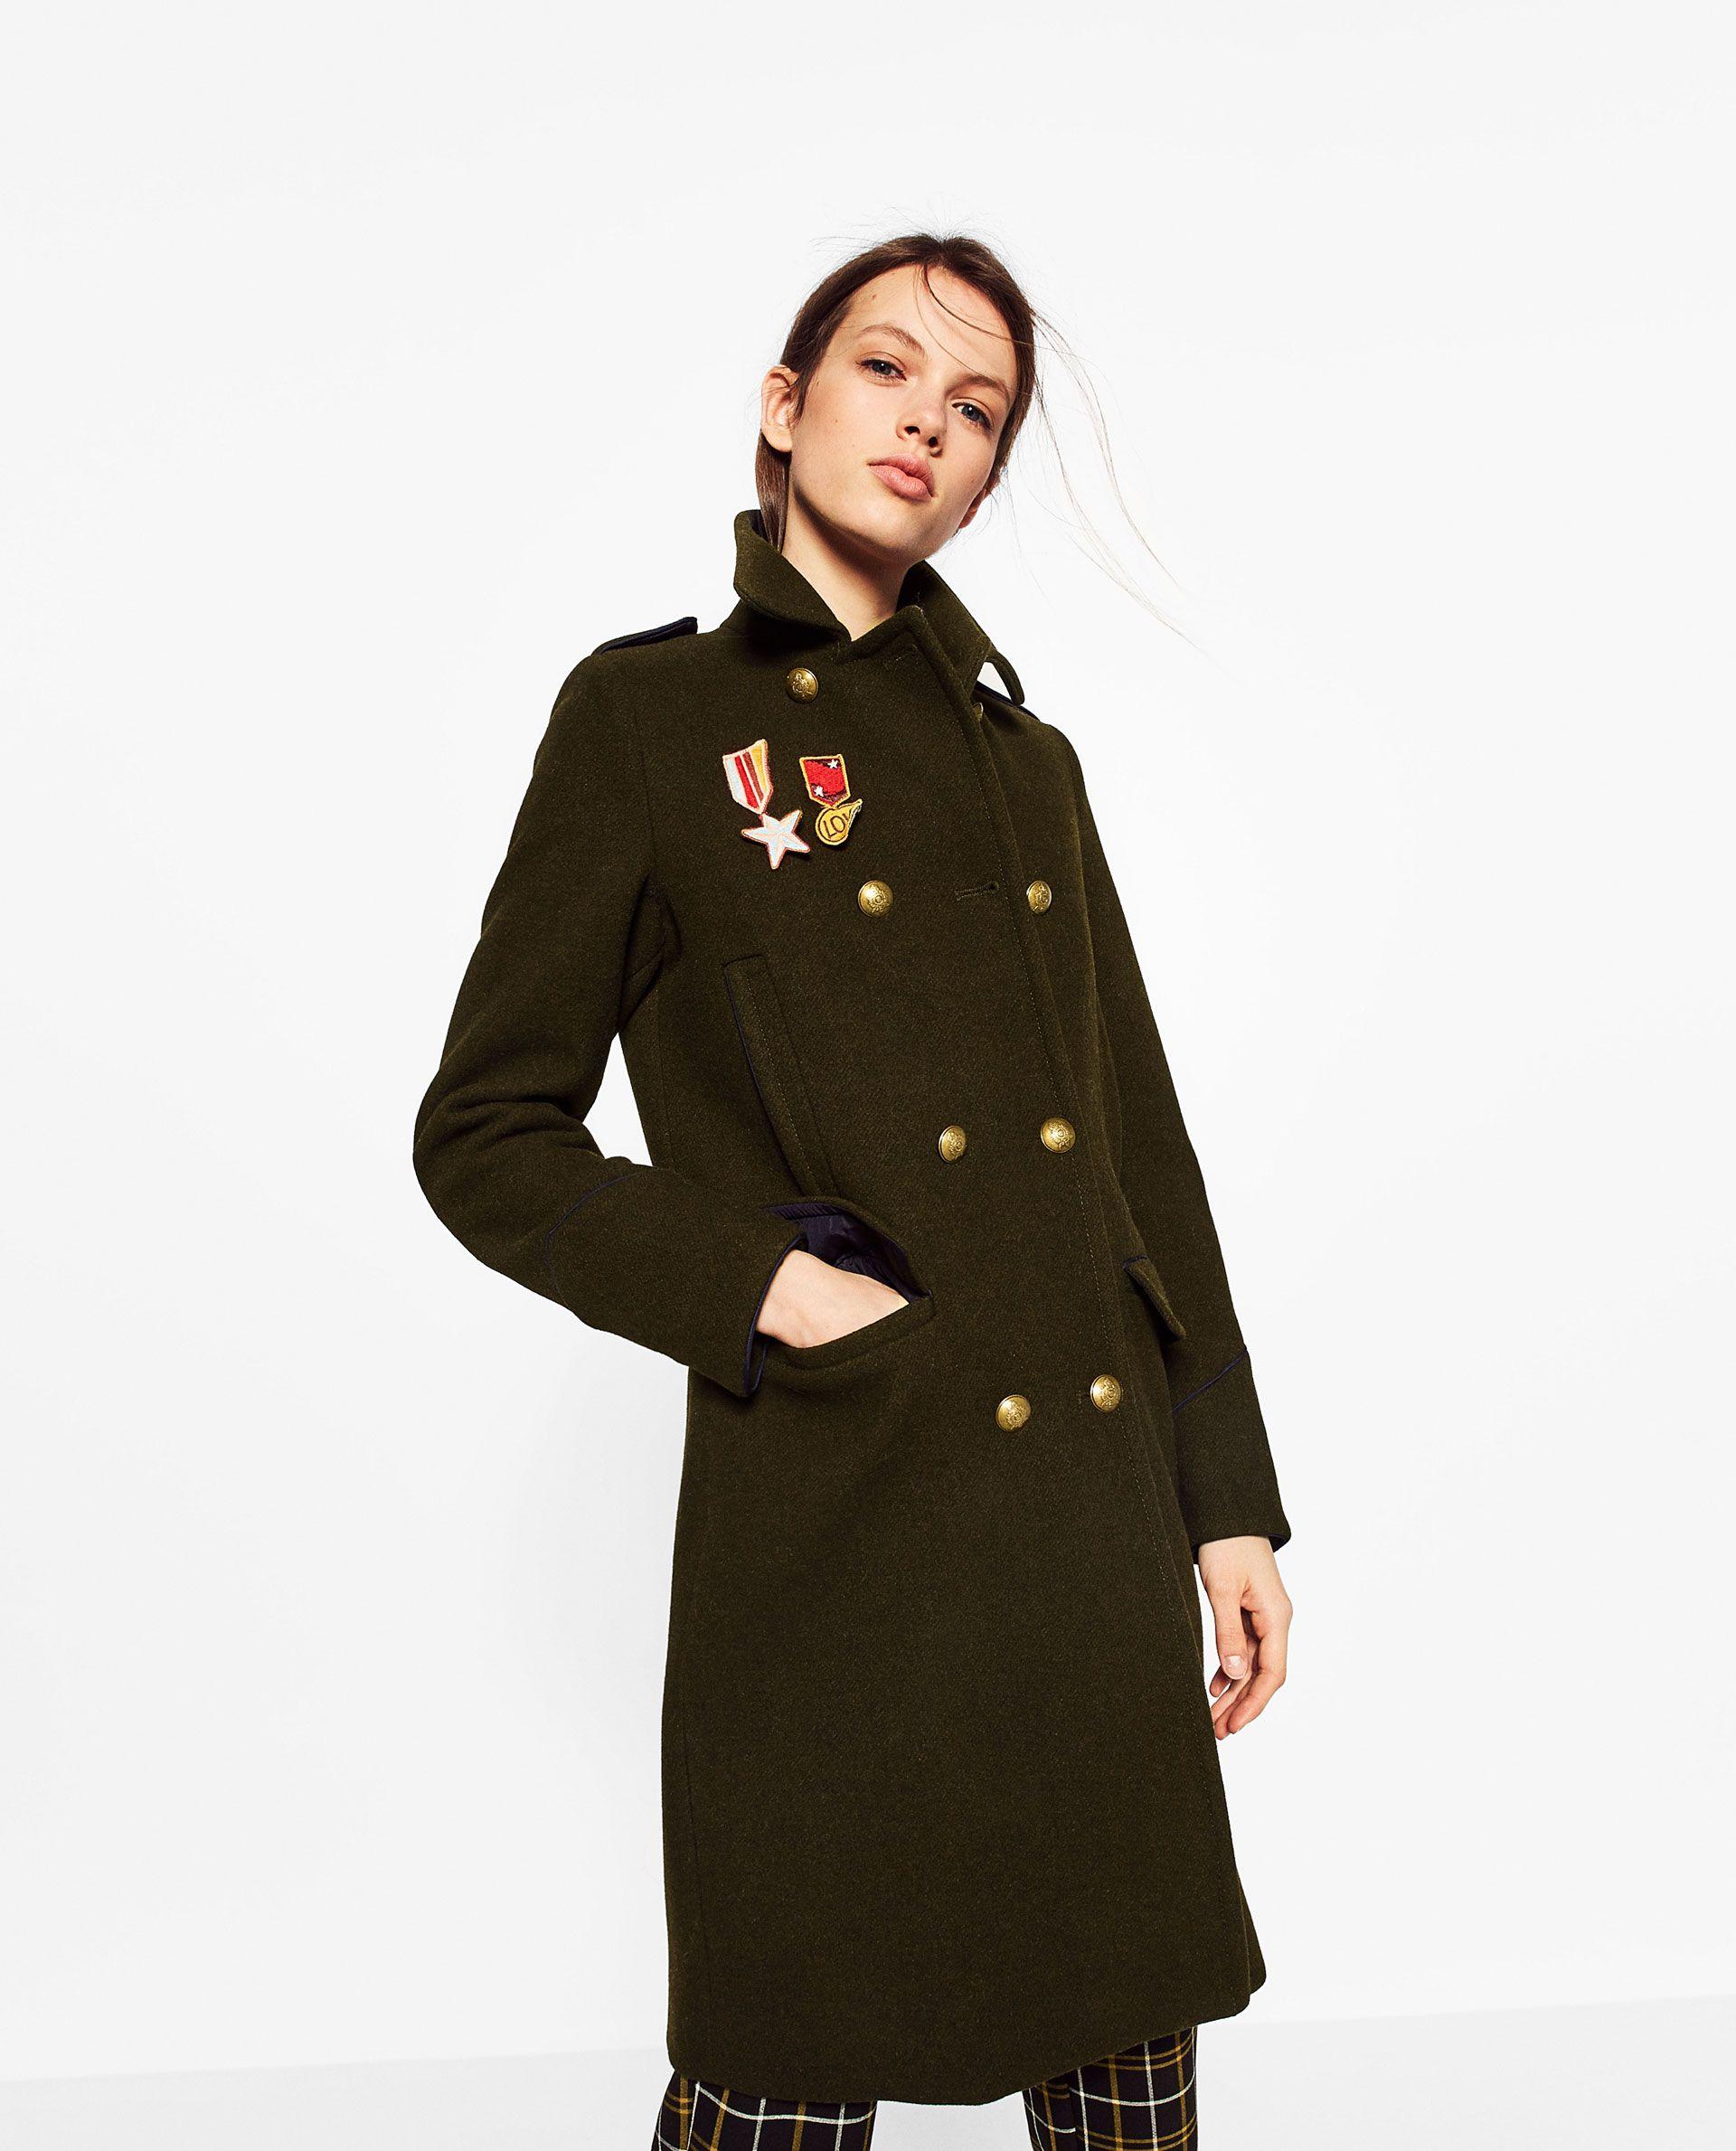 Zara Trf Militer Kaban Military Fashion Military Style Coats Fashion [ 2379 x 1920 Pixel ]